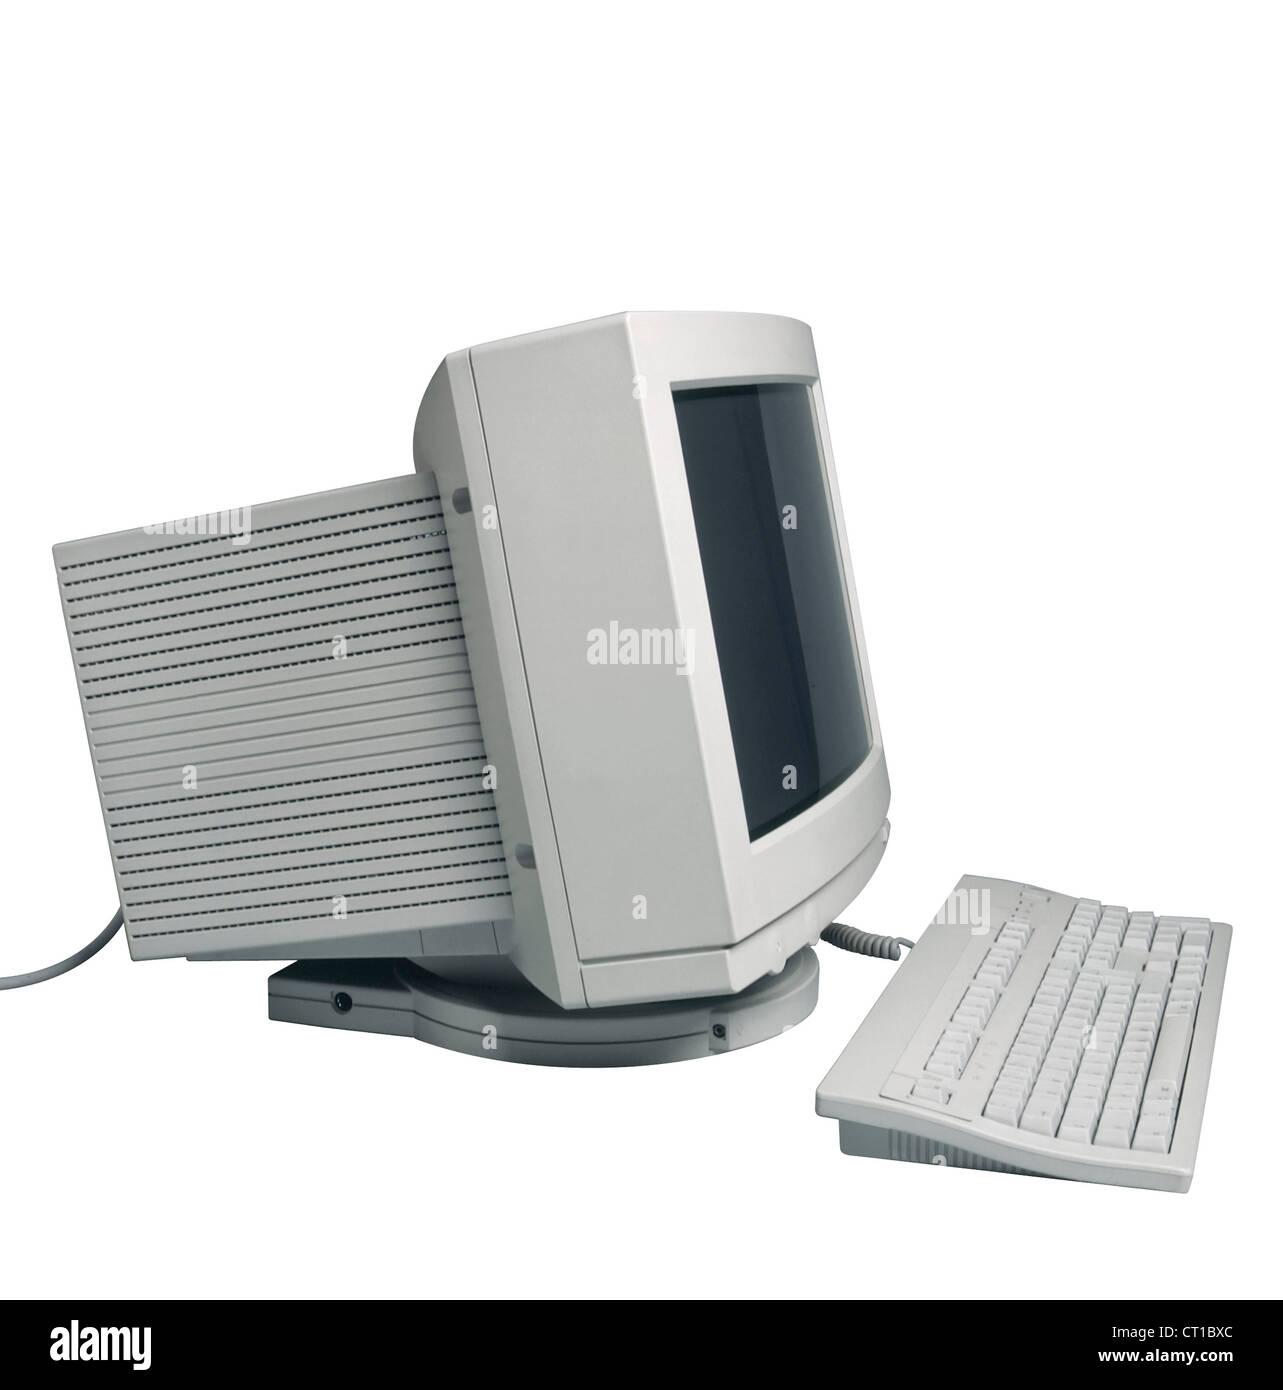 Computer von der Seite mit Röhrenmonitor leerem Bildschirm. Auf weißem Hintergrund - Stock Image